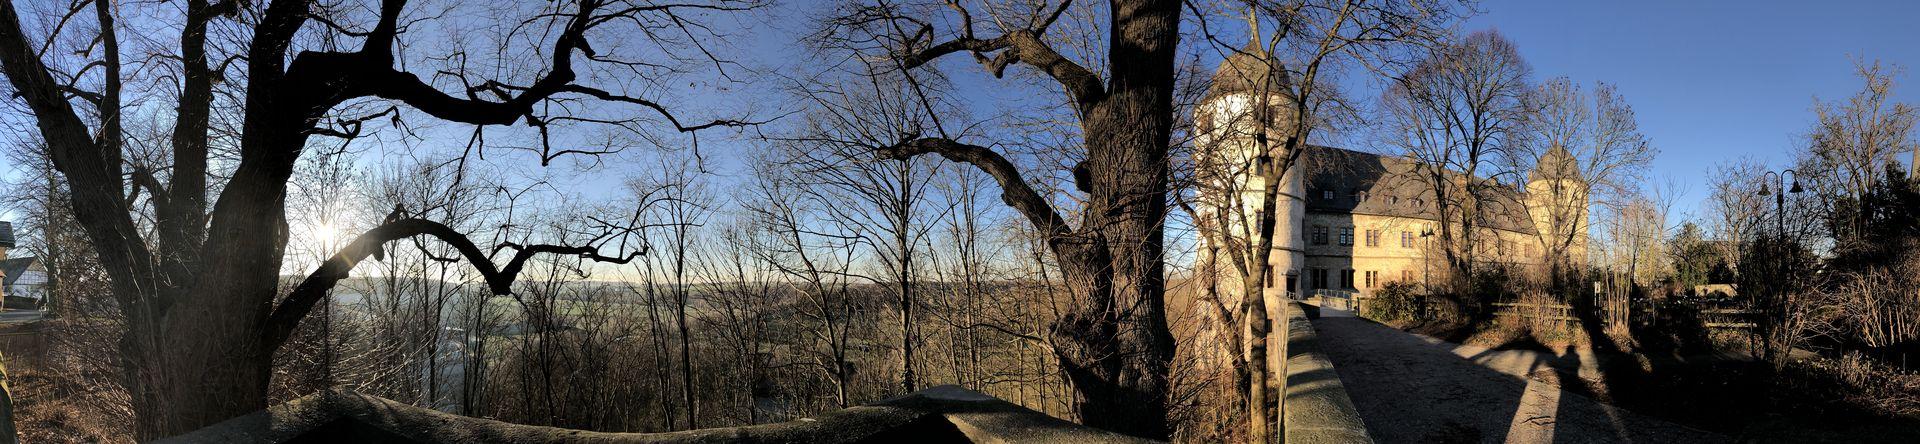 Die Wewelsburg liegt auf einer dreieckigen Felszunge über dem Almetal. Deshalb hat der Baumeister ihren Grundriss auch dreieckig geplant.